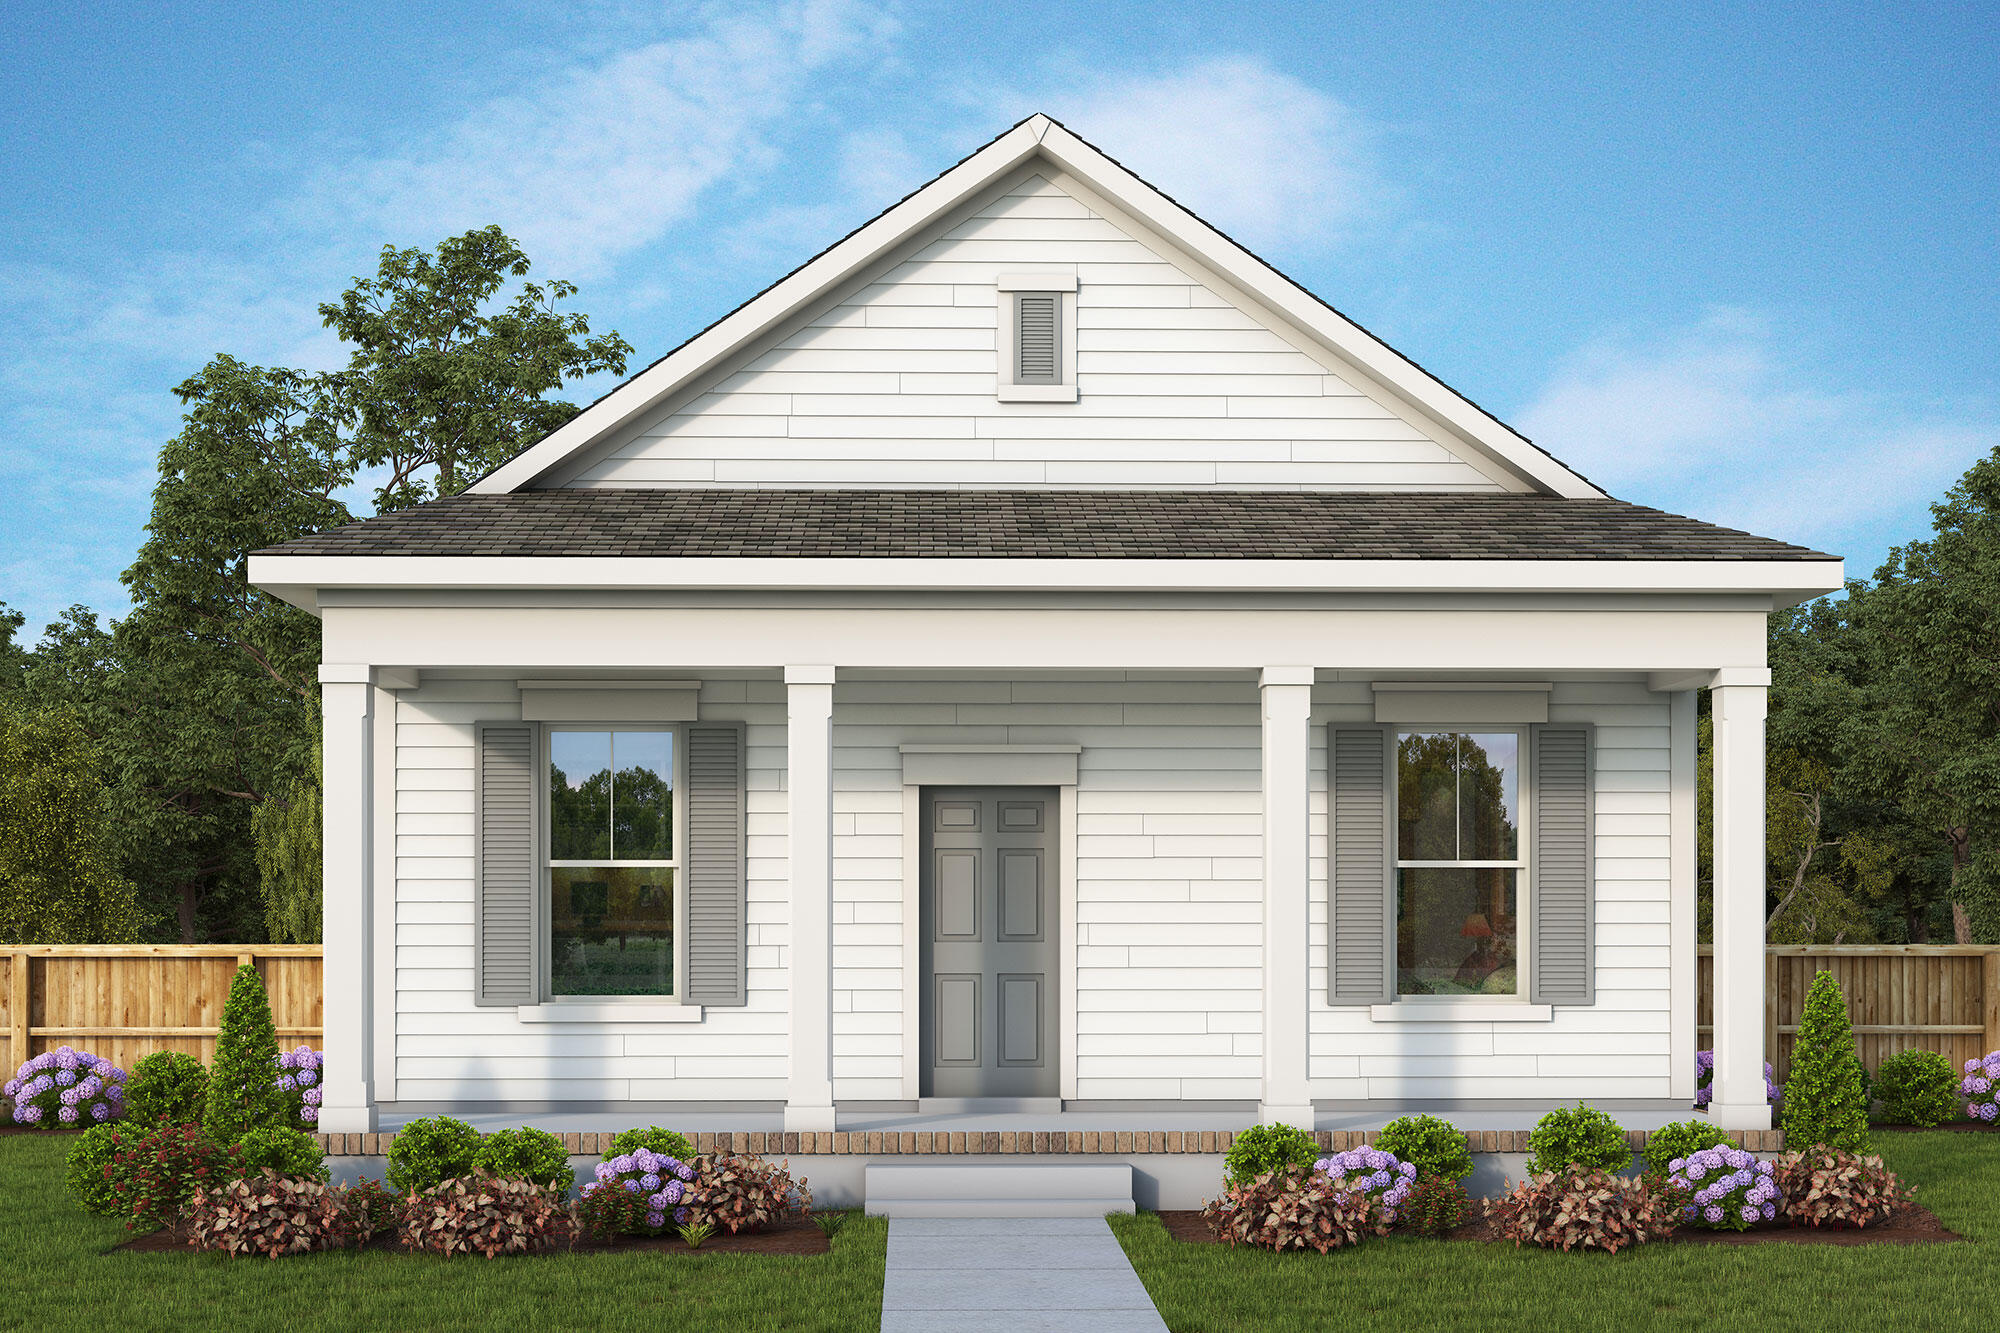 109 Wheelwright Street, Summerville, 29486, 3 Bedrooms Bedrooms, ,2 BathroomsBathrooms,For Sale,Wheelwright,21016049